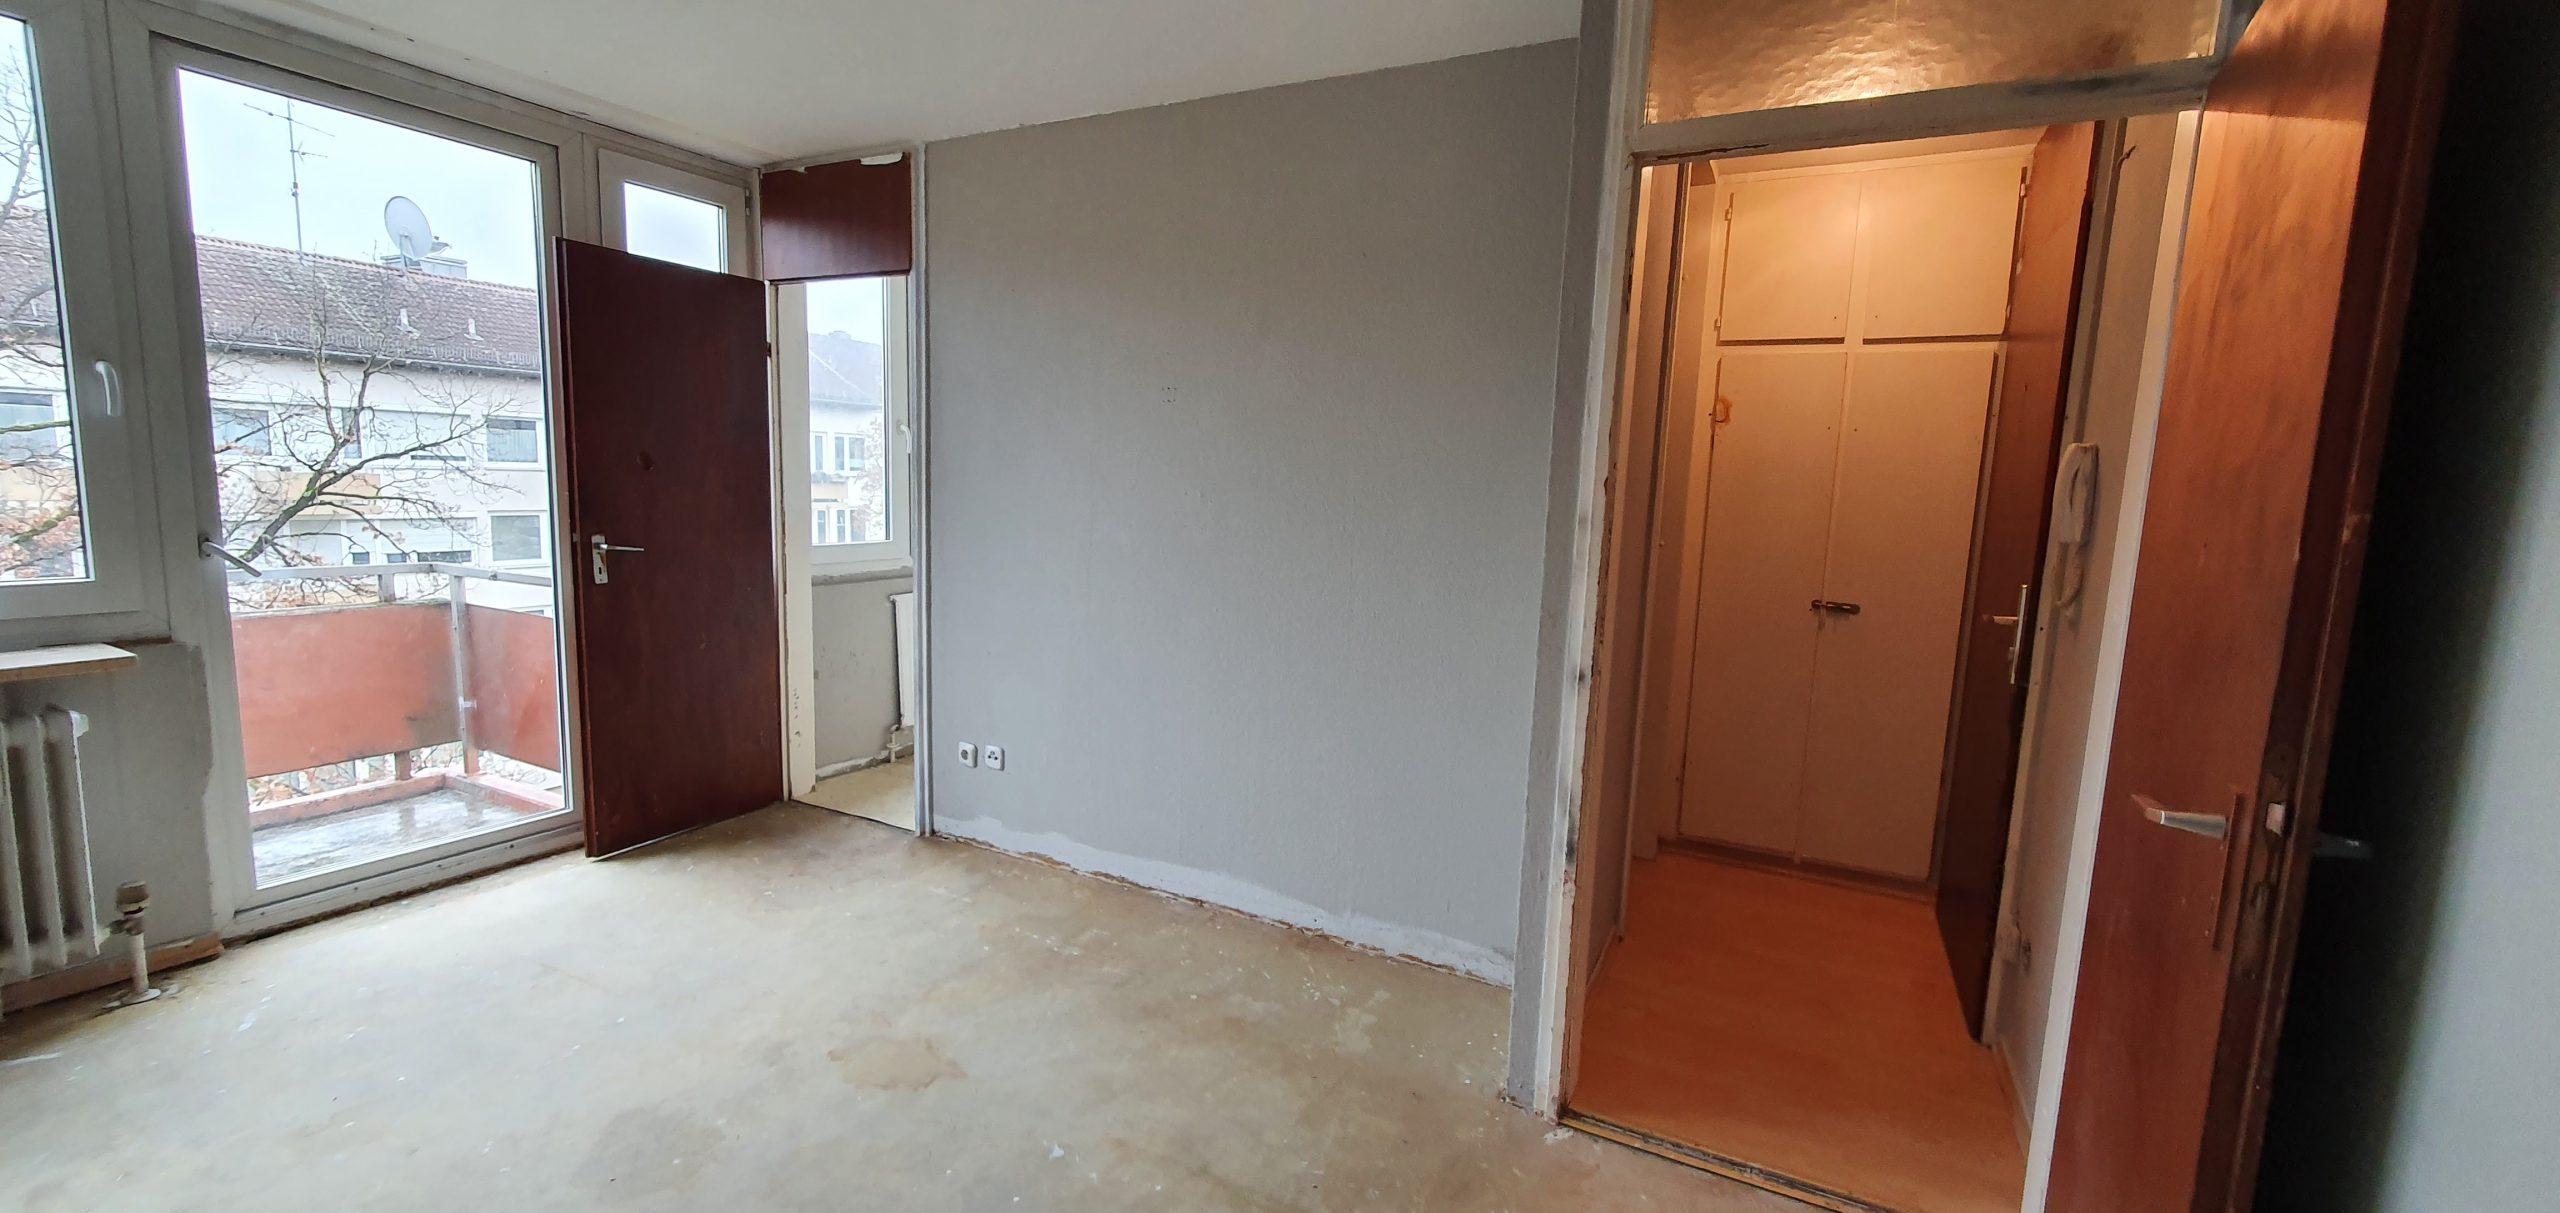 wohnzimmer-flur